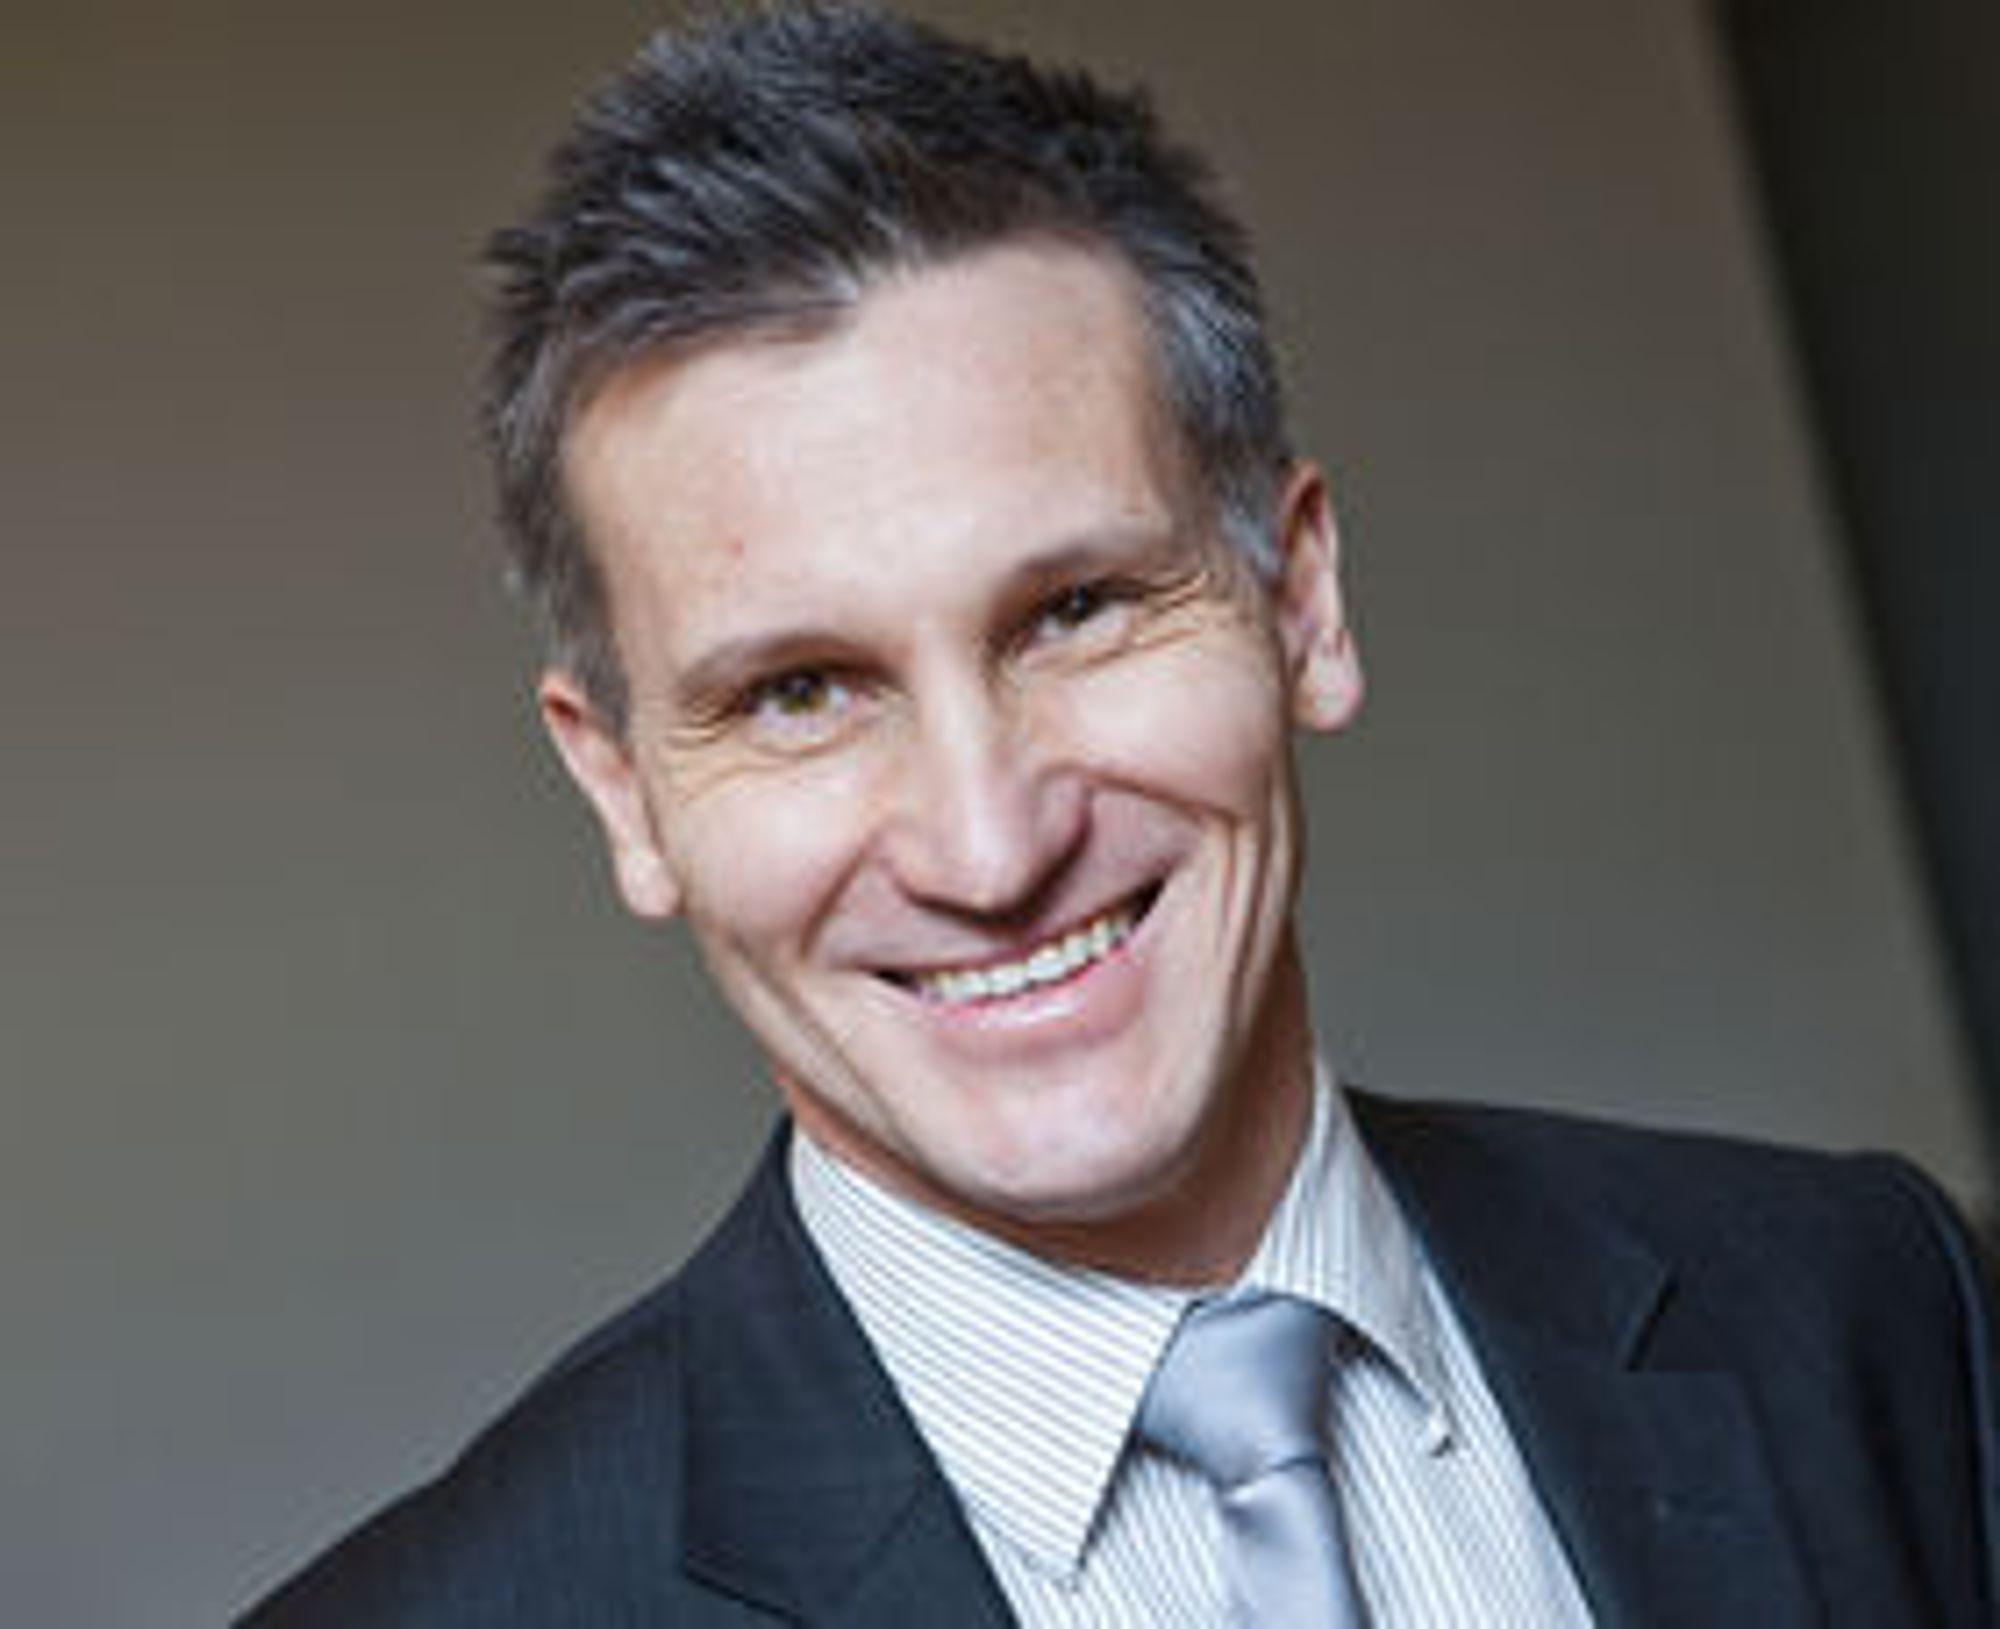 Datatilsynets direktør Bjørn Erik Thon, som ledet møtet fredag, vil ha optimal sikring av DLD-data.